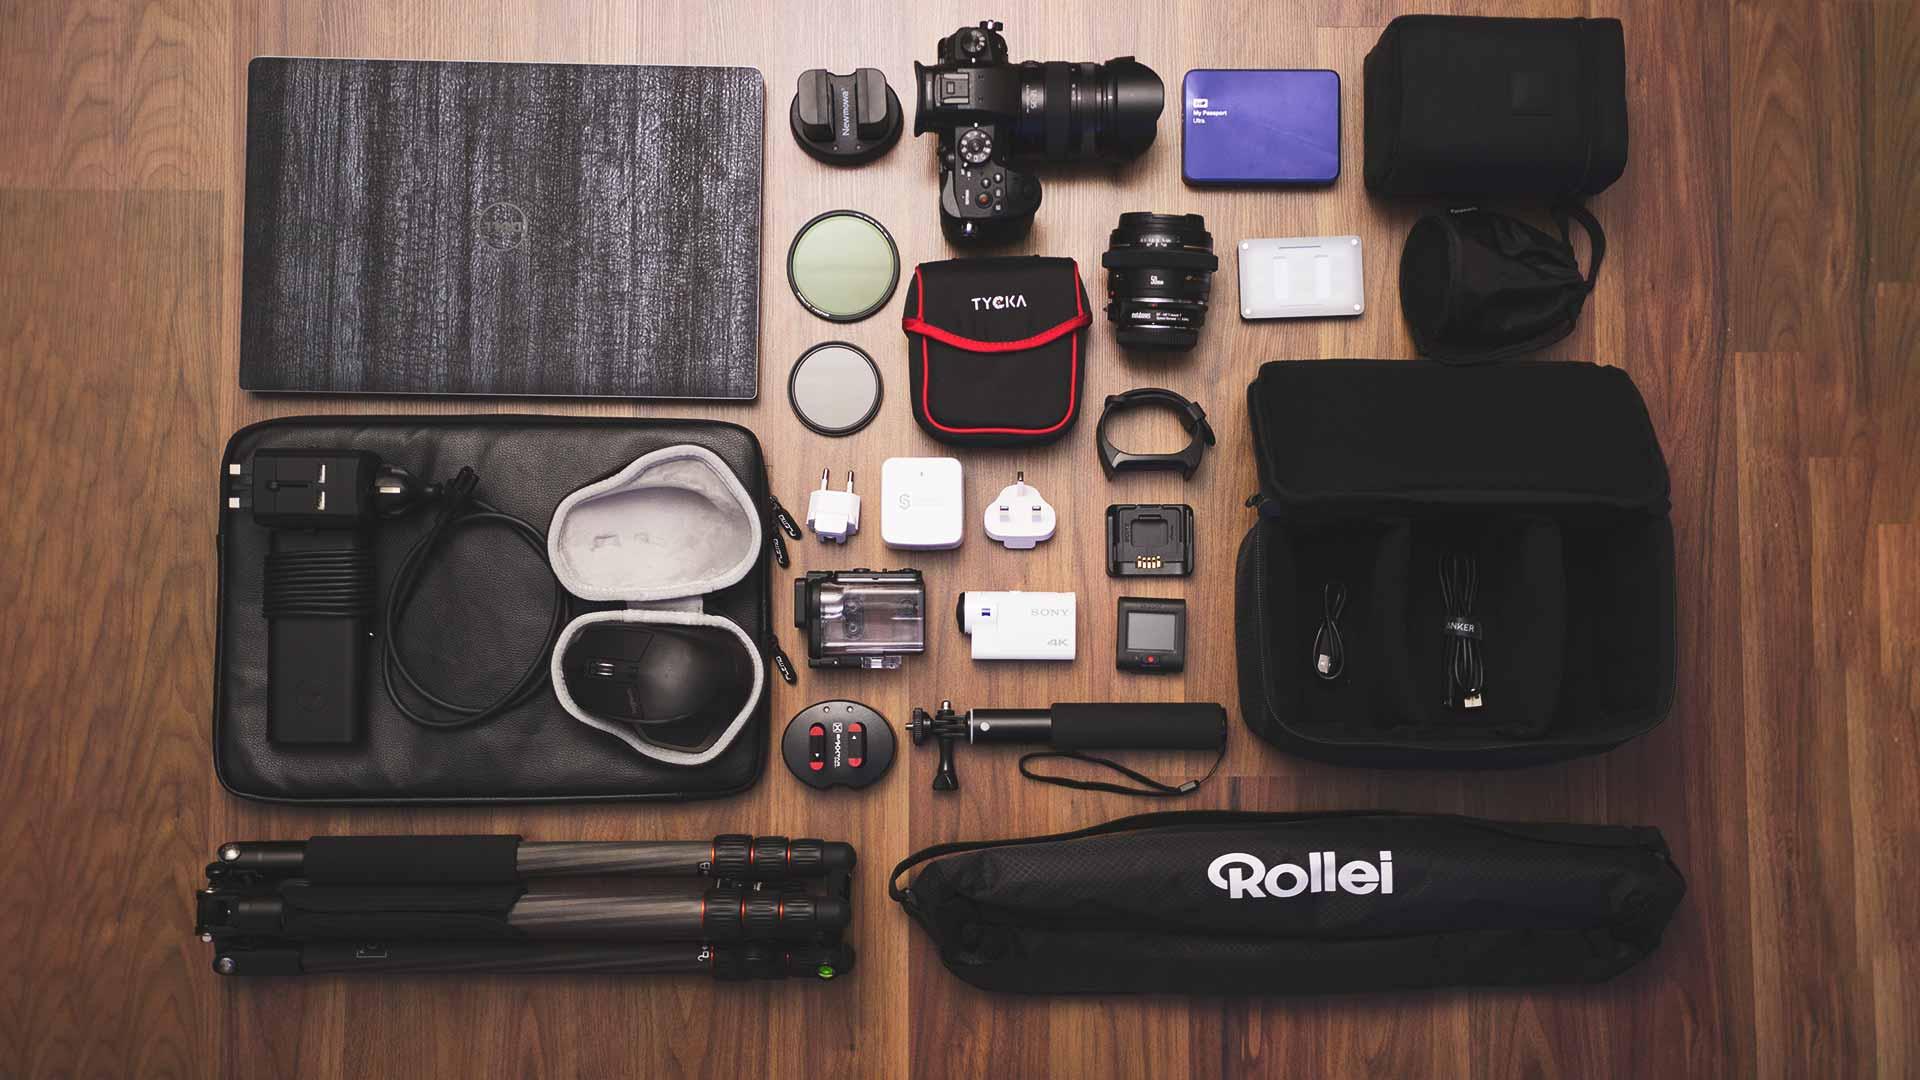 Backpacking Packliste Südostasien - Technik, Kamera, Objektive, Stativ, Action-Cam, internationale Ladegeräte und weiteres Zubehör